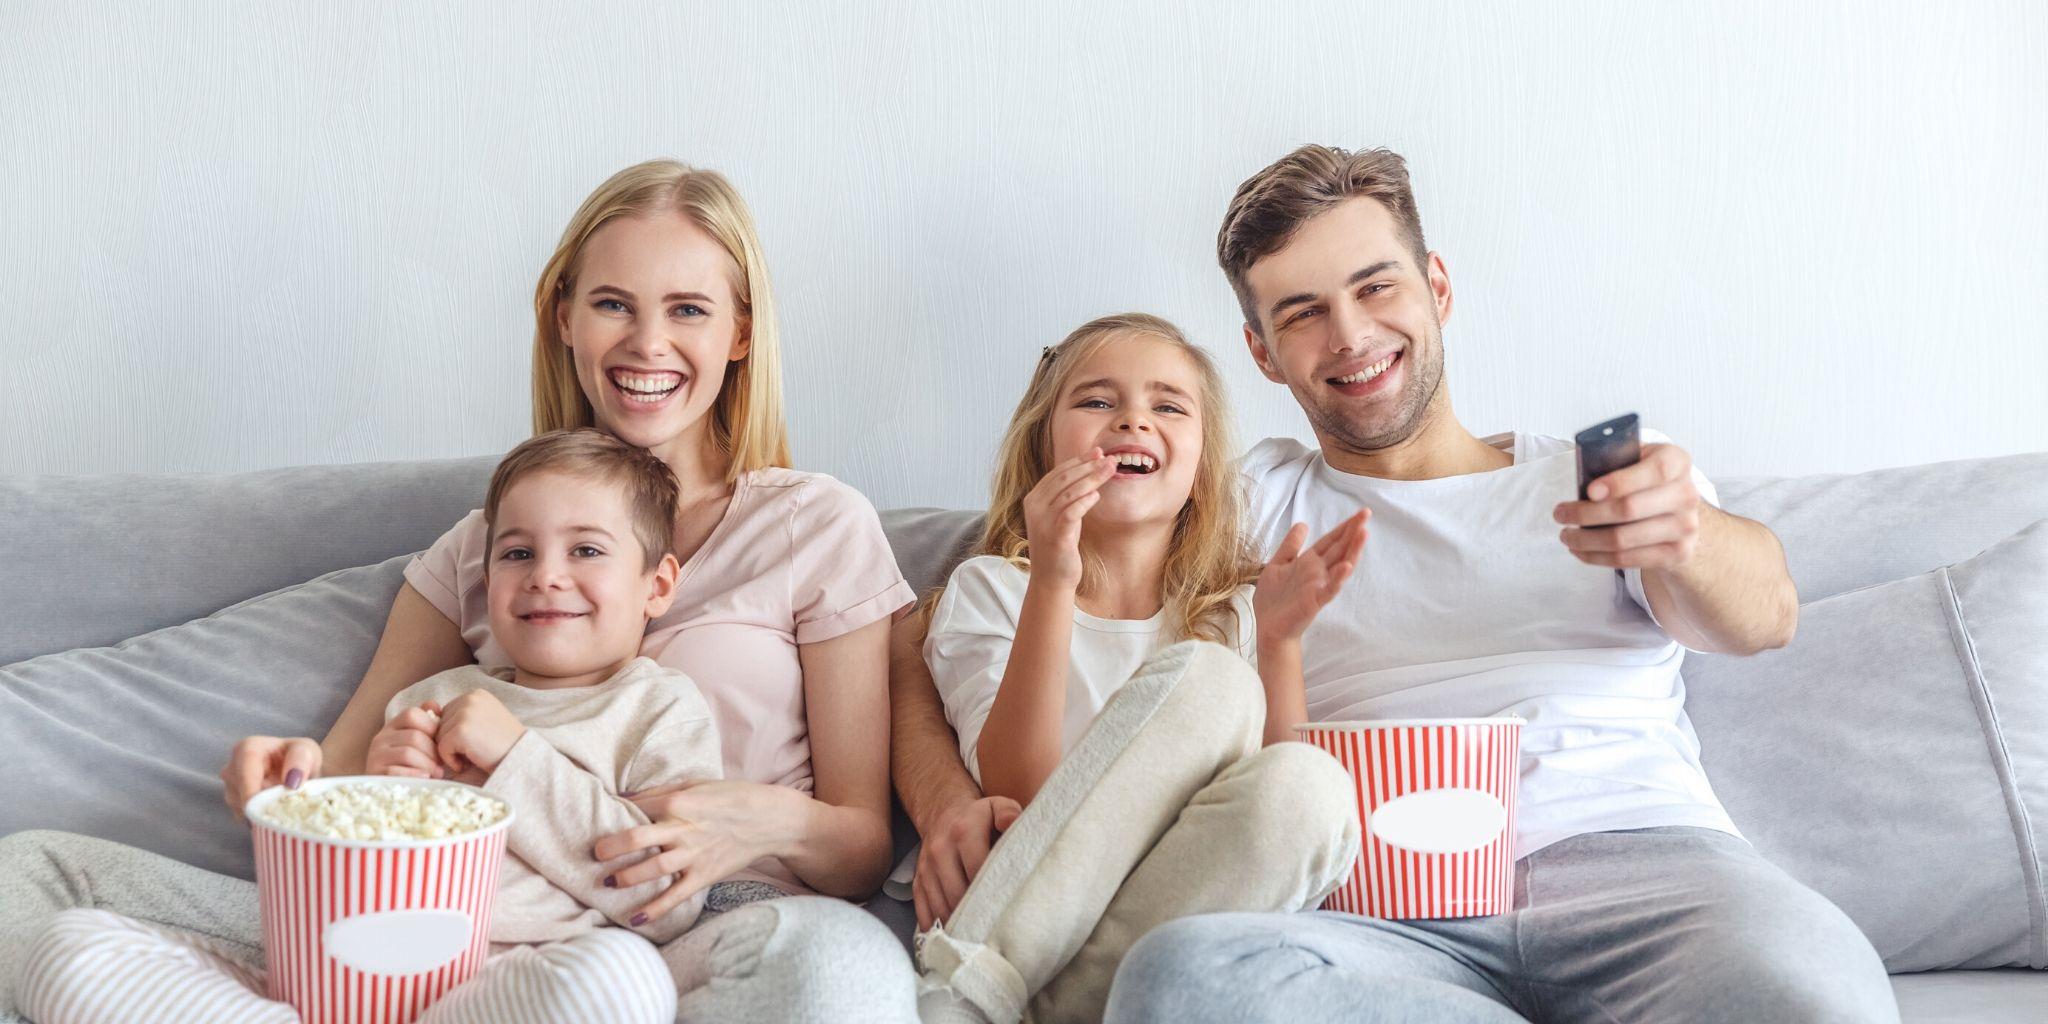 Parhaat lastenelokuvat jotka auttavat kasvattamaan vahvaa luonnetta